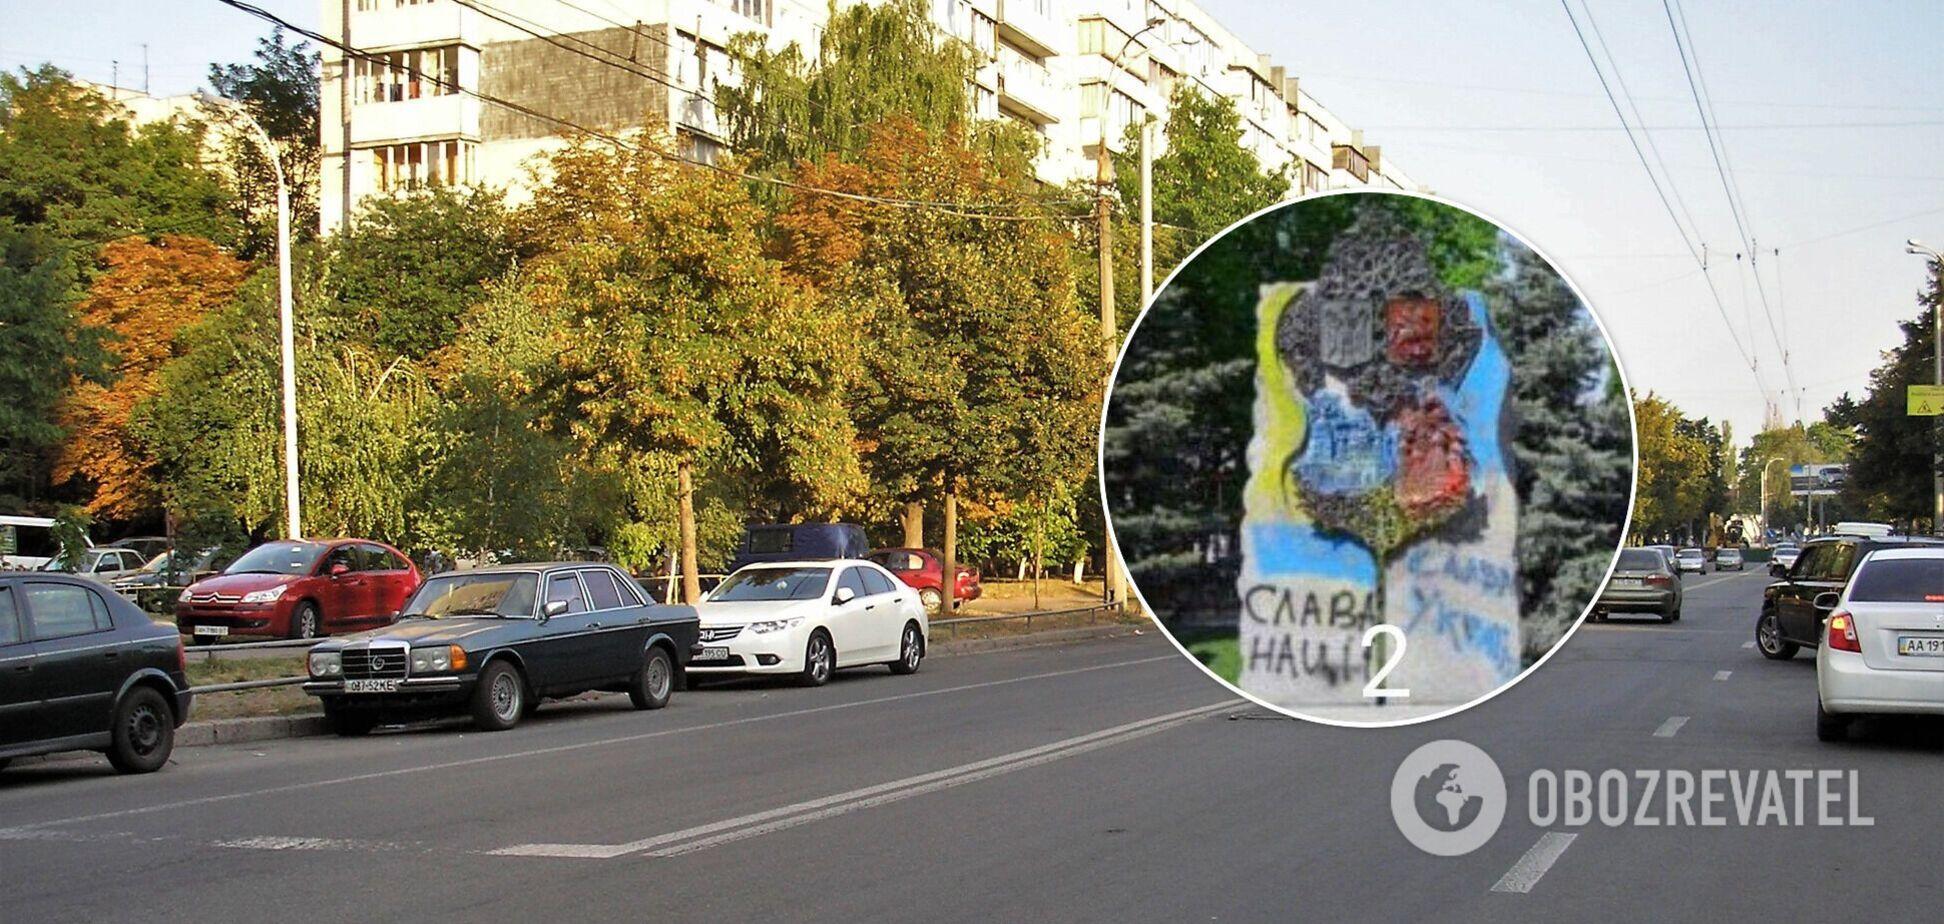 Памятный знак был установлен в 2001 году